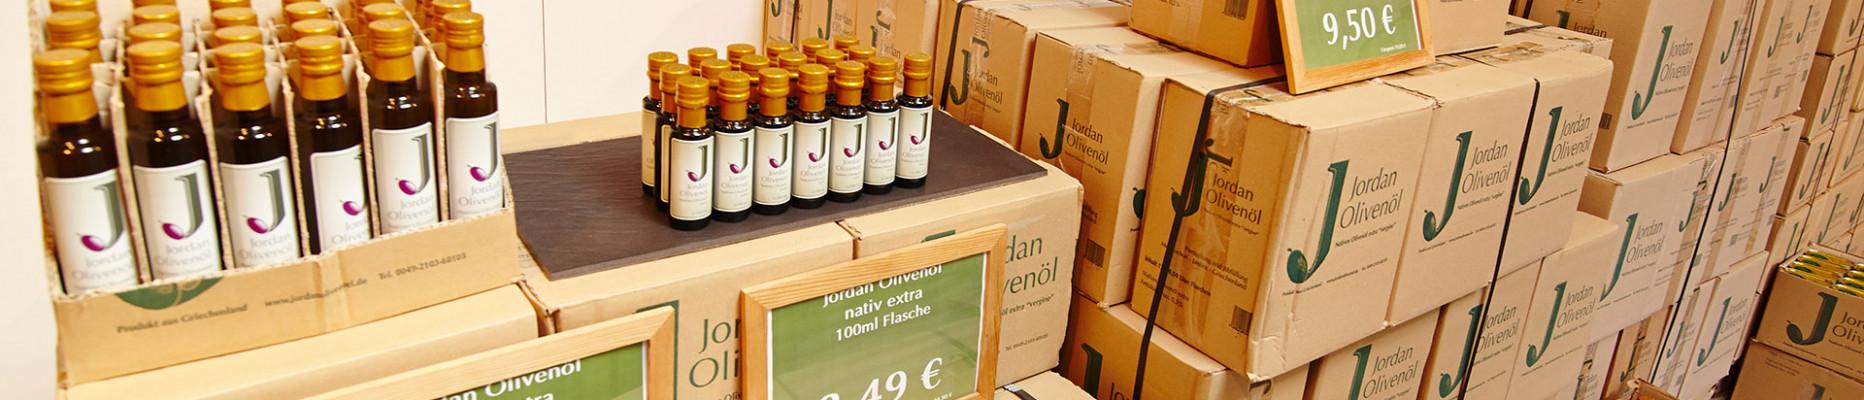 Jordan Olivenöl auf Lager